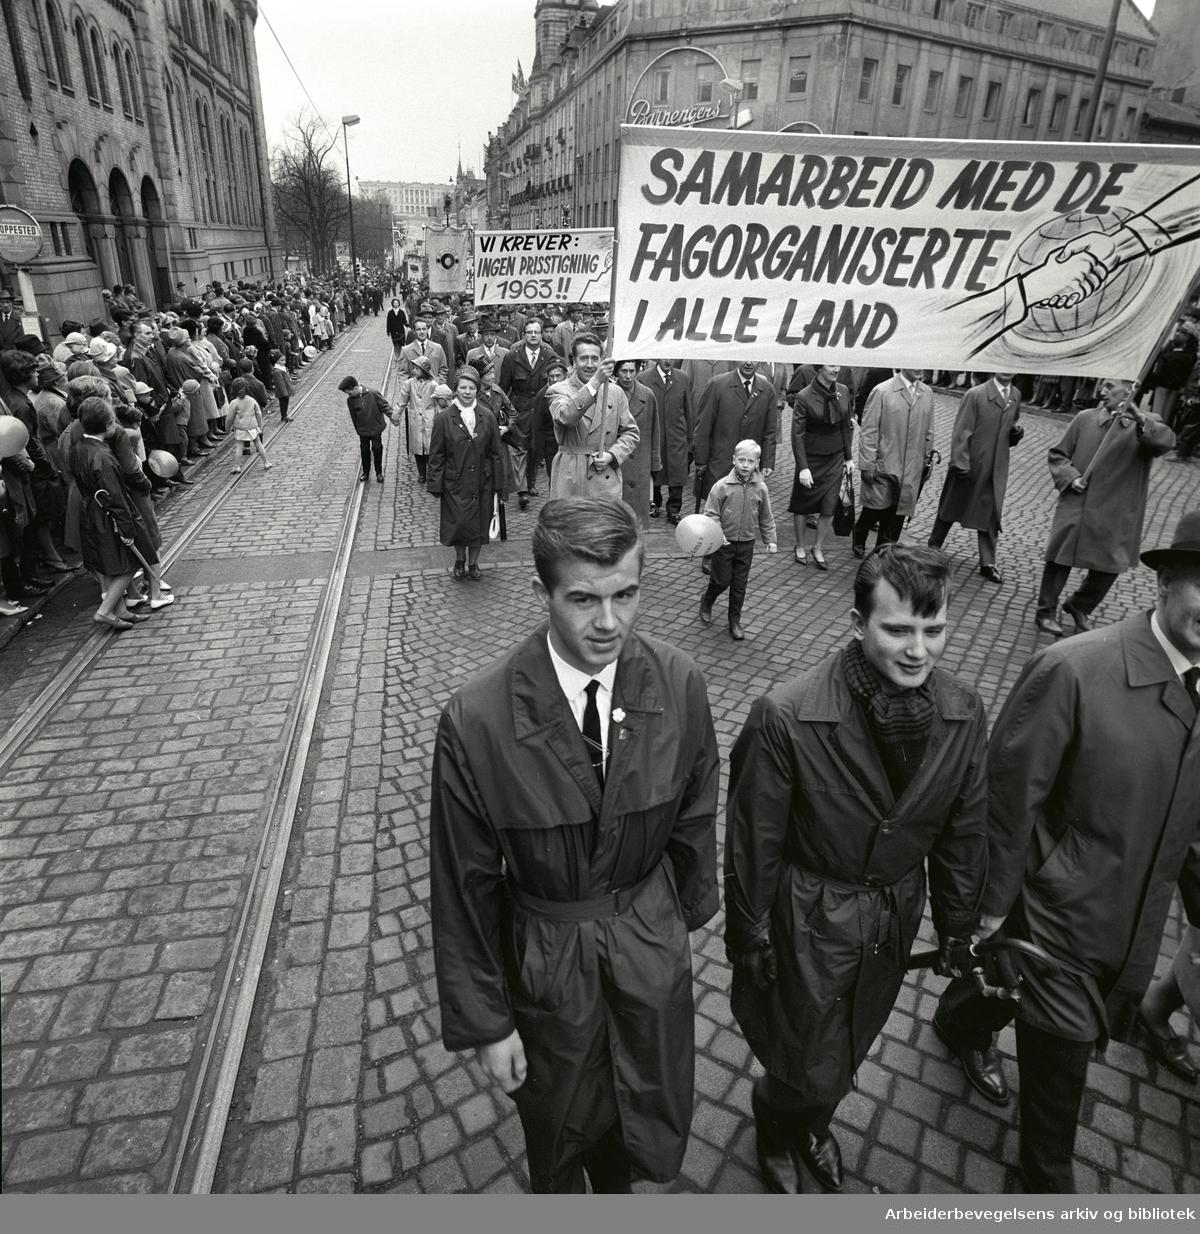 1. mai 1963 i Oslo.Demonstrasjonstoget i Karl Johans gate..Parole : Samarbeid med de fagorganiserte i alle land.Parole : Vi krever: Ingen prisstigning i 1963